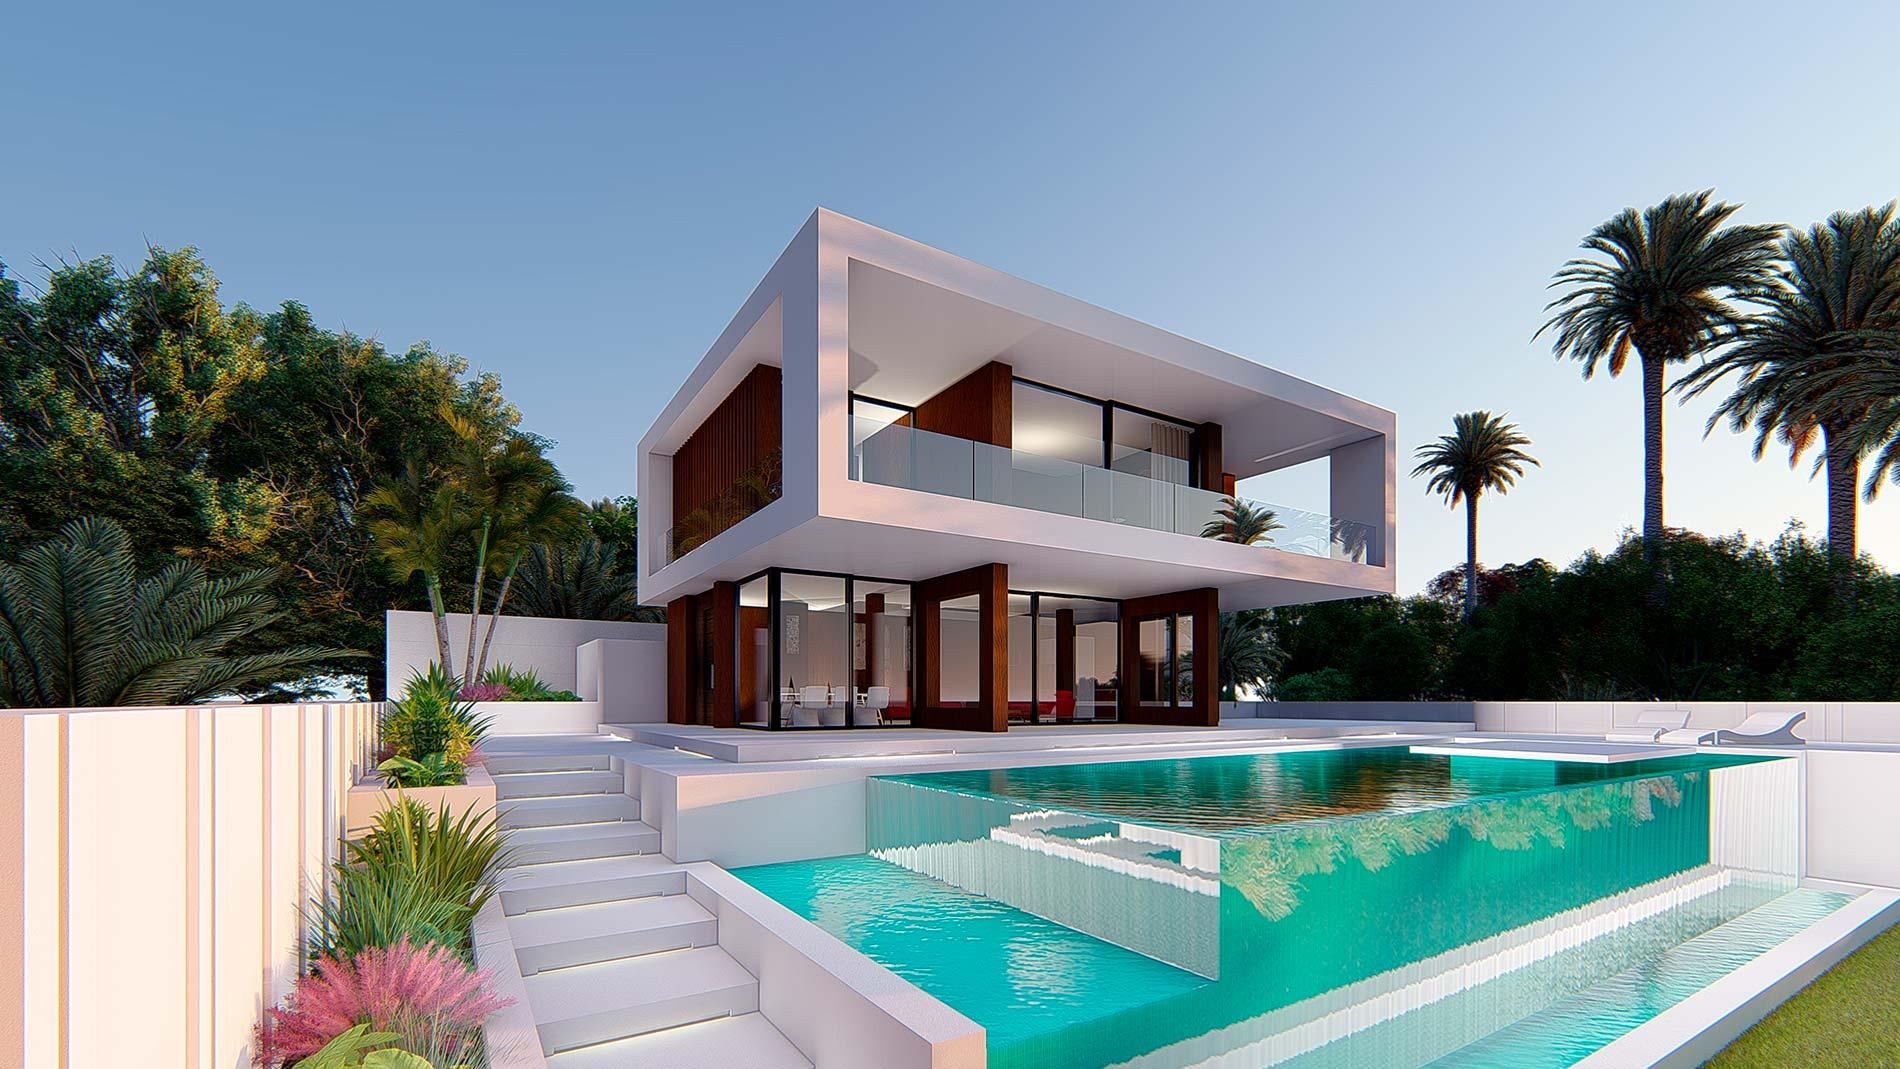 Valle-Romano-26-Pool-facade.jpg